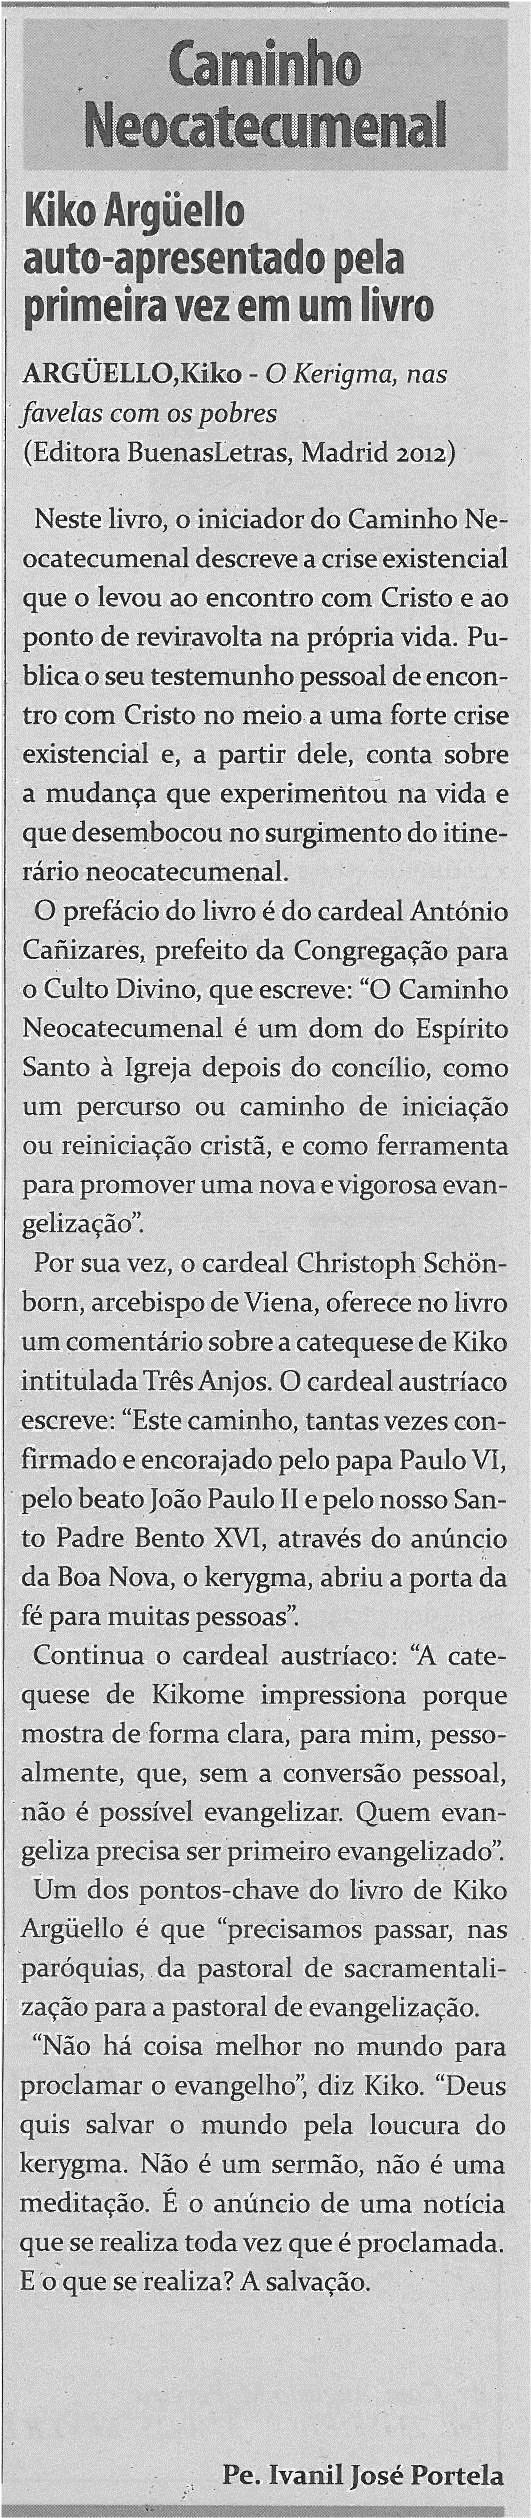 TV-abr13-p15-Caminho Neocatecumenal